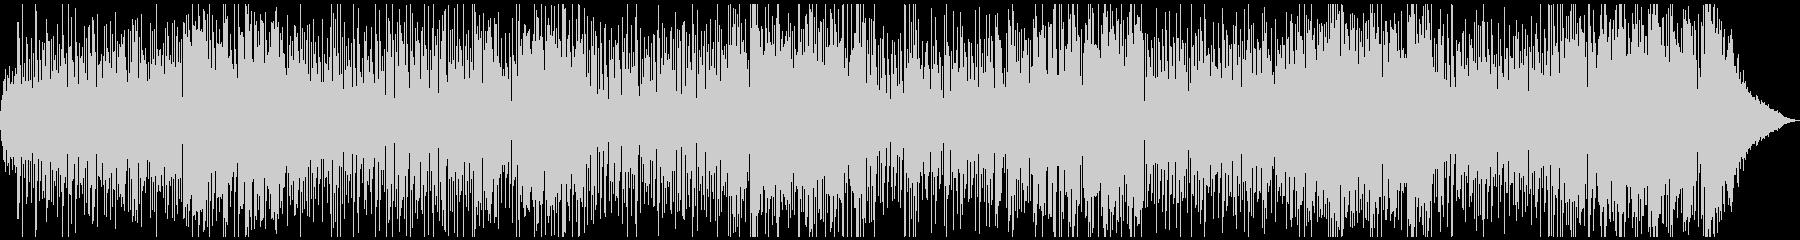 生演奏・フルートとストリングスのボサノバの未再生の波形